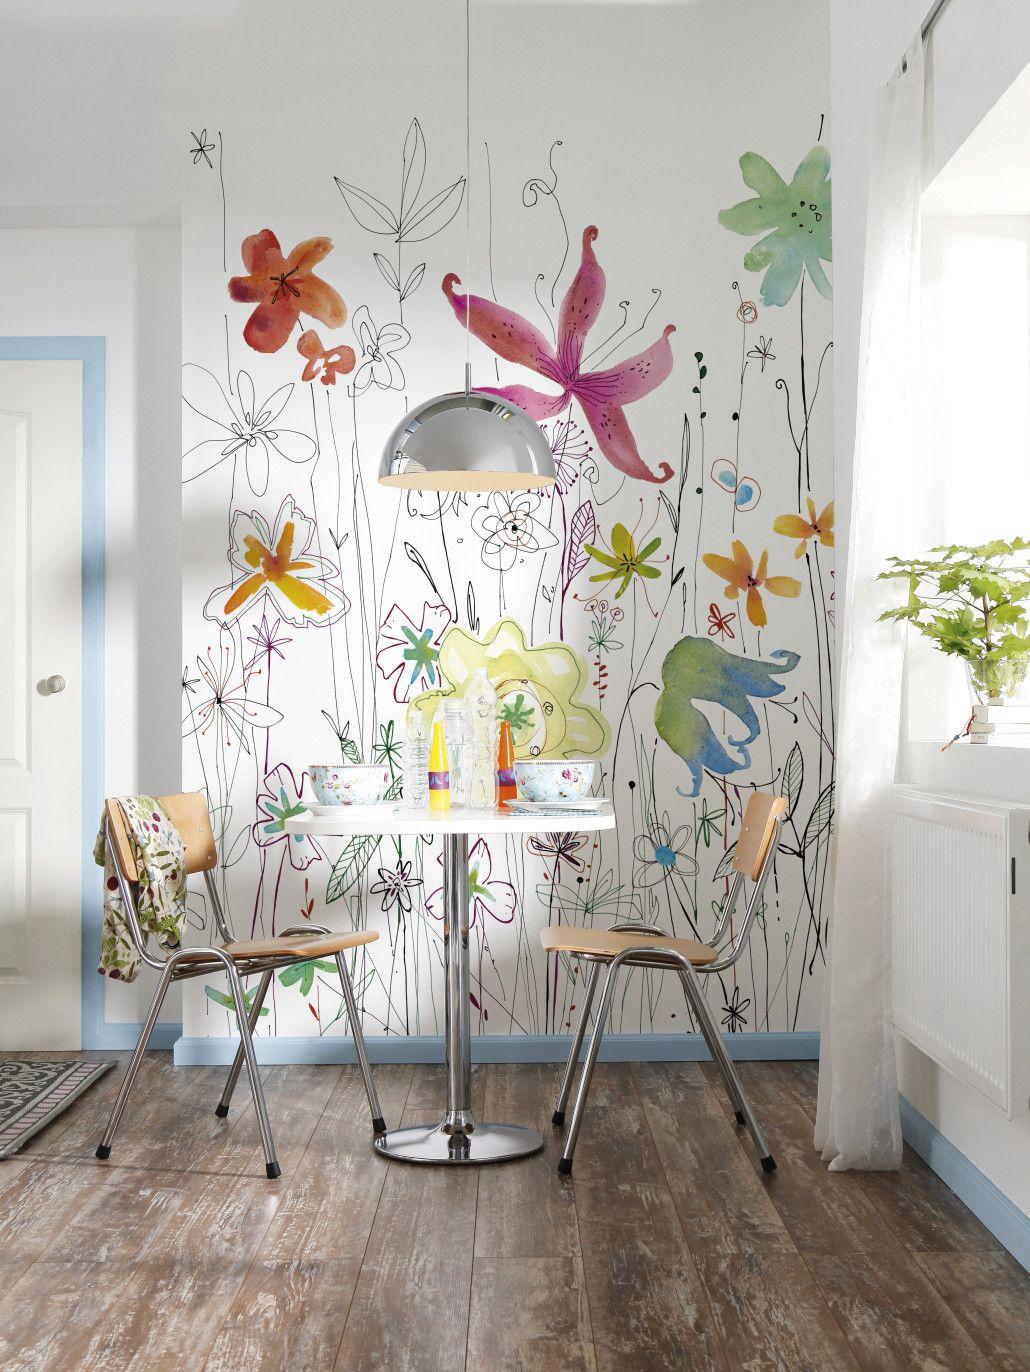 Papiers peints : les tendances pour 2013 | Decorama | Pinterest